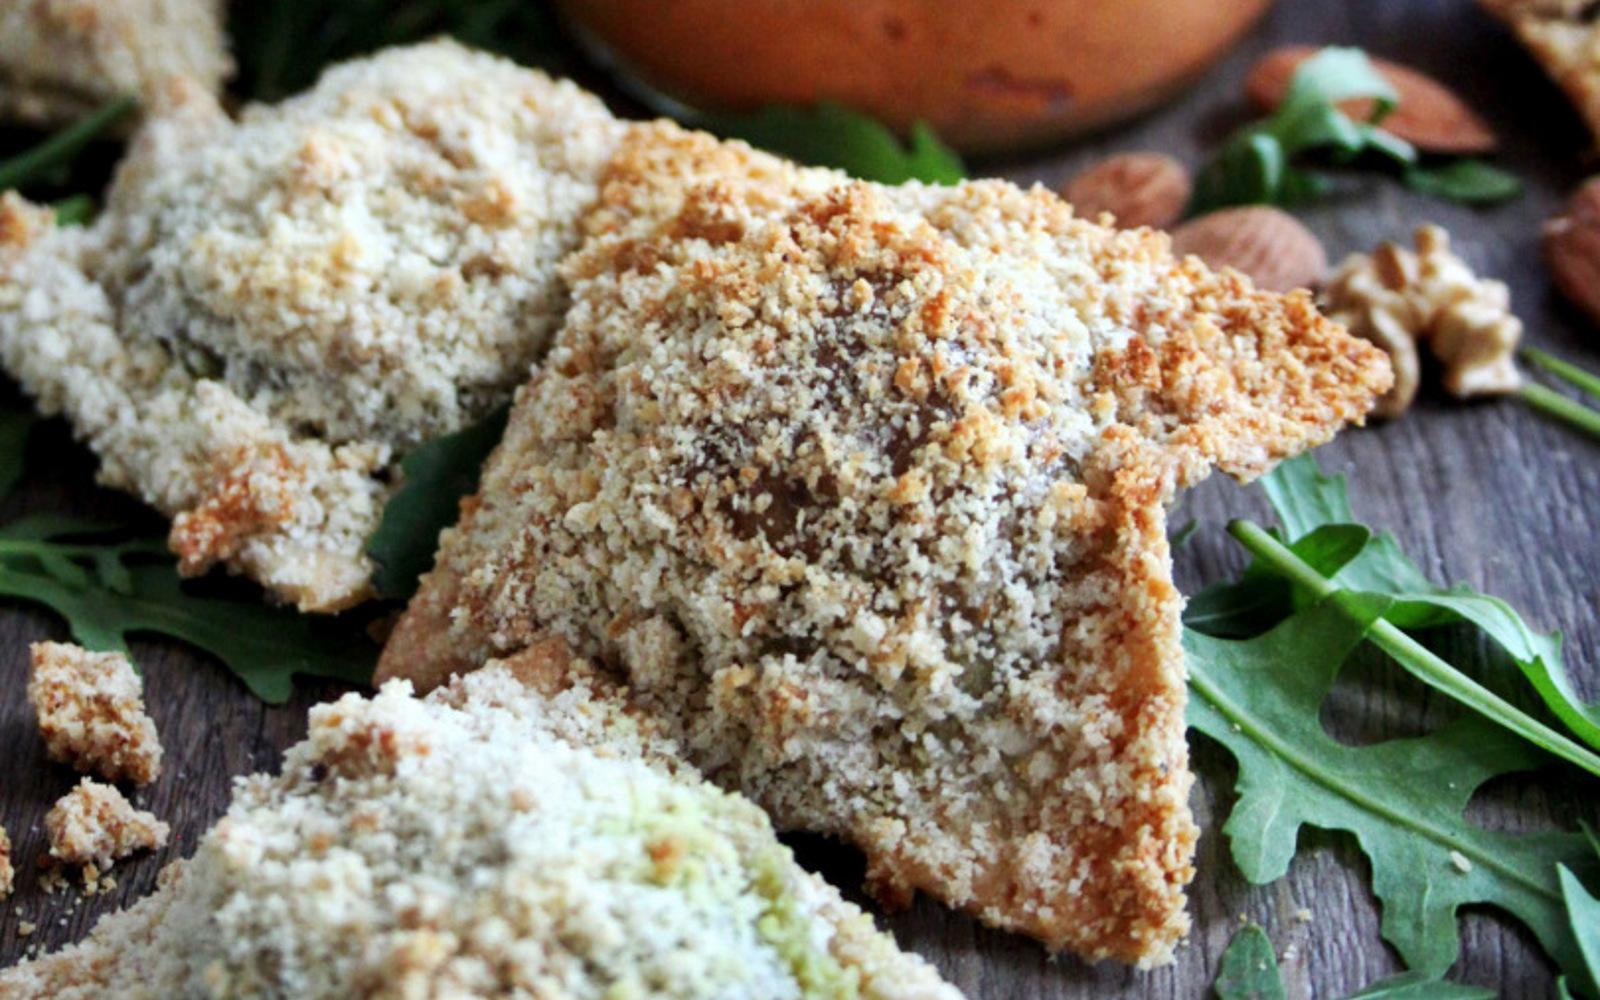 Crispy Pesto-Stuffed Ravioli